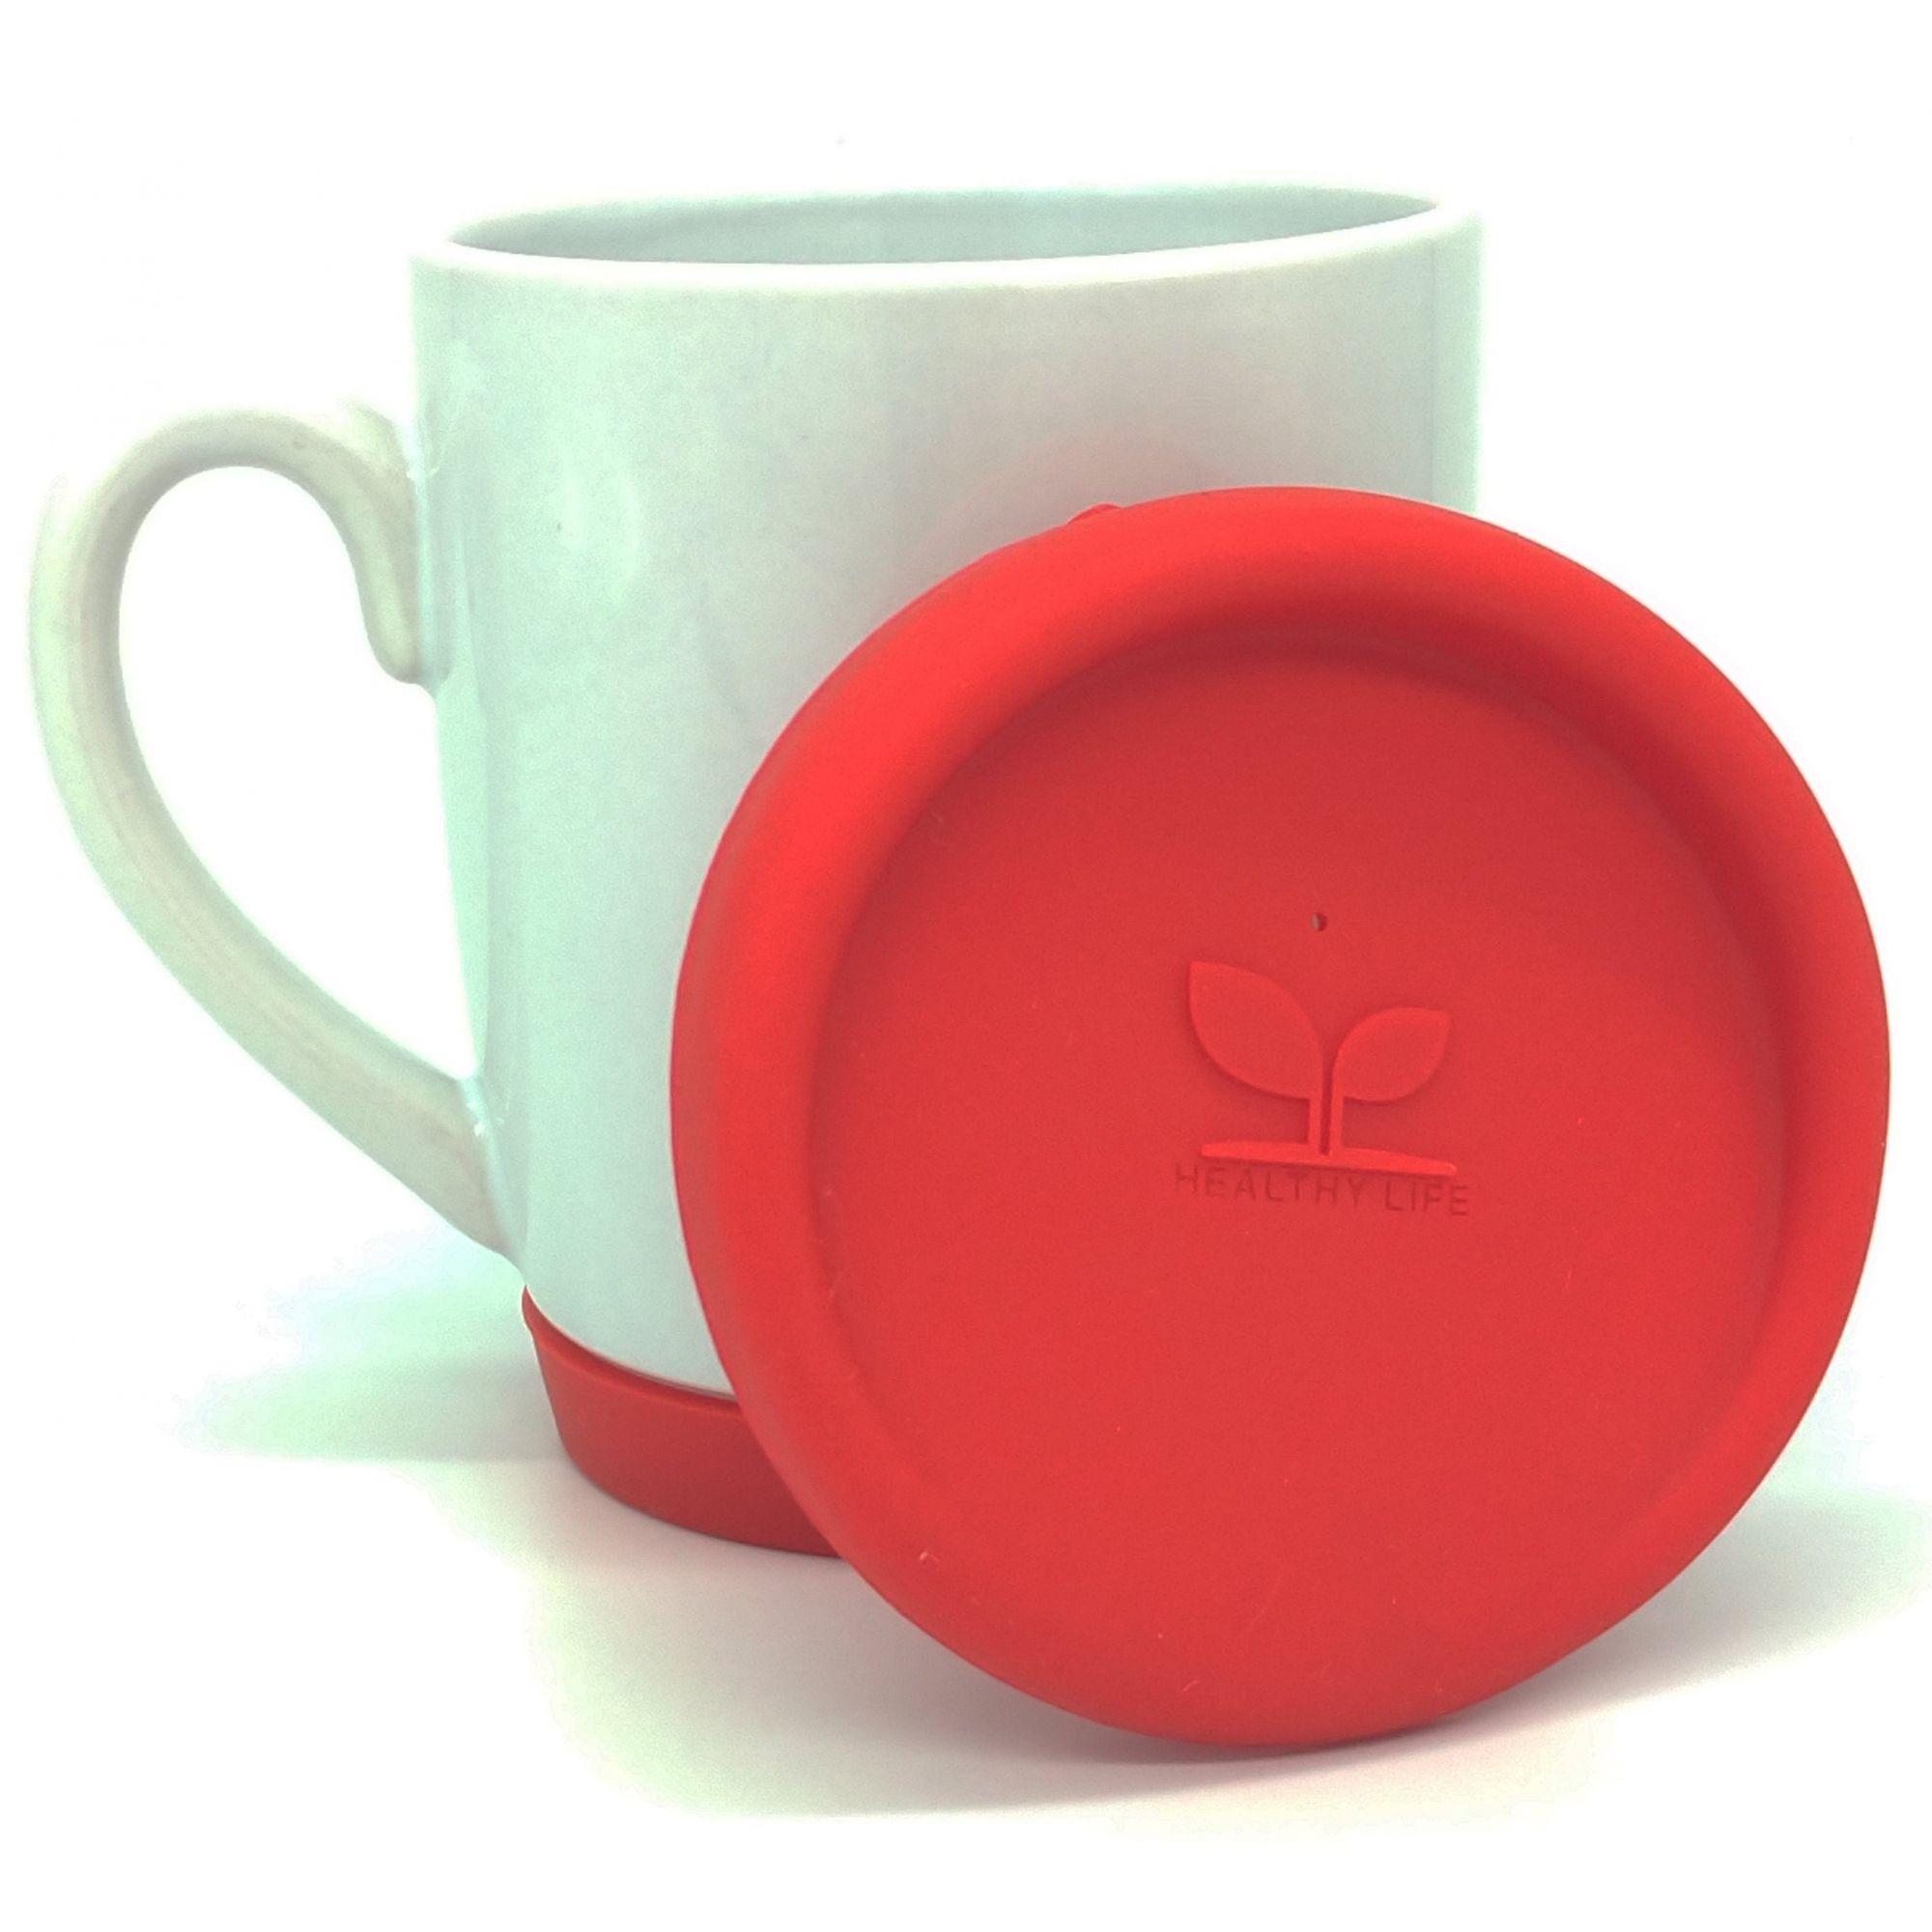 Caneca de cerâmica com tampa e base de silicone Vermelho - Classe A  - ALFANETI COMERCIO DE MIDIAS E SUBLIMAÇÃO LTDA-ME